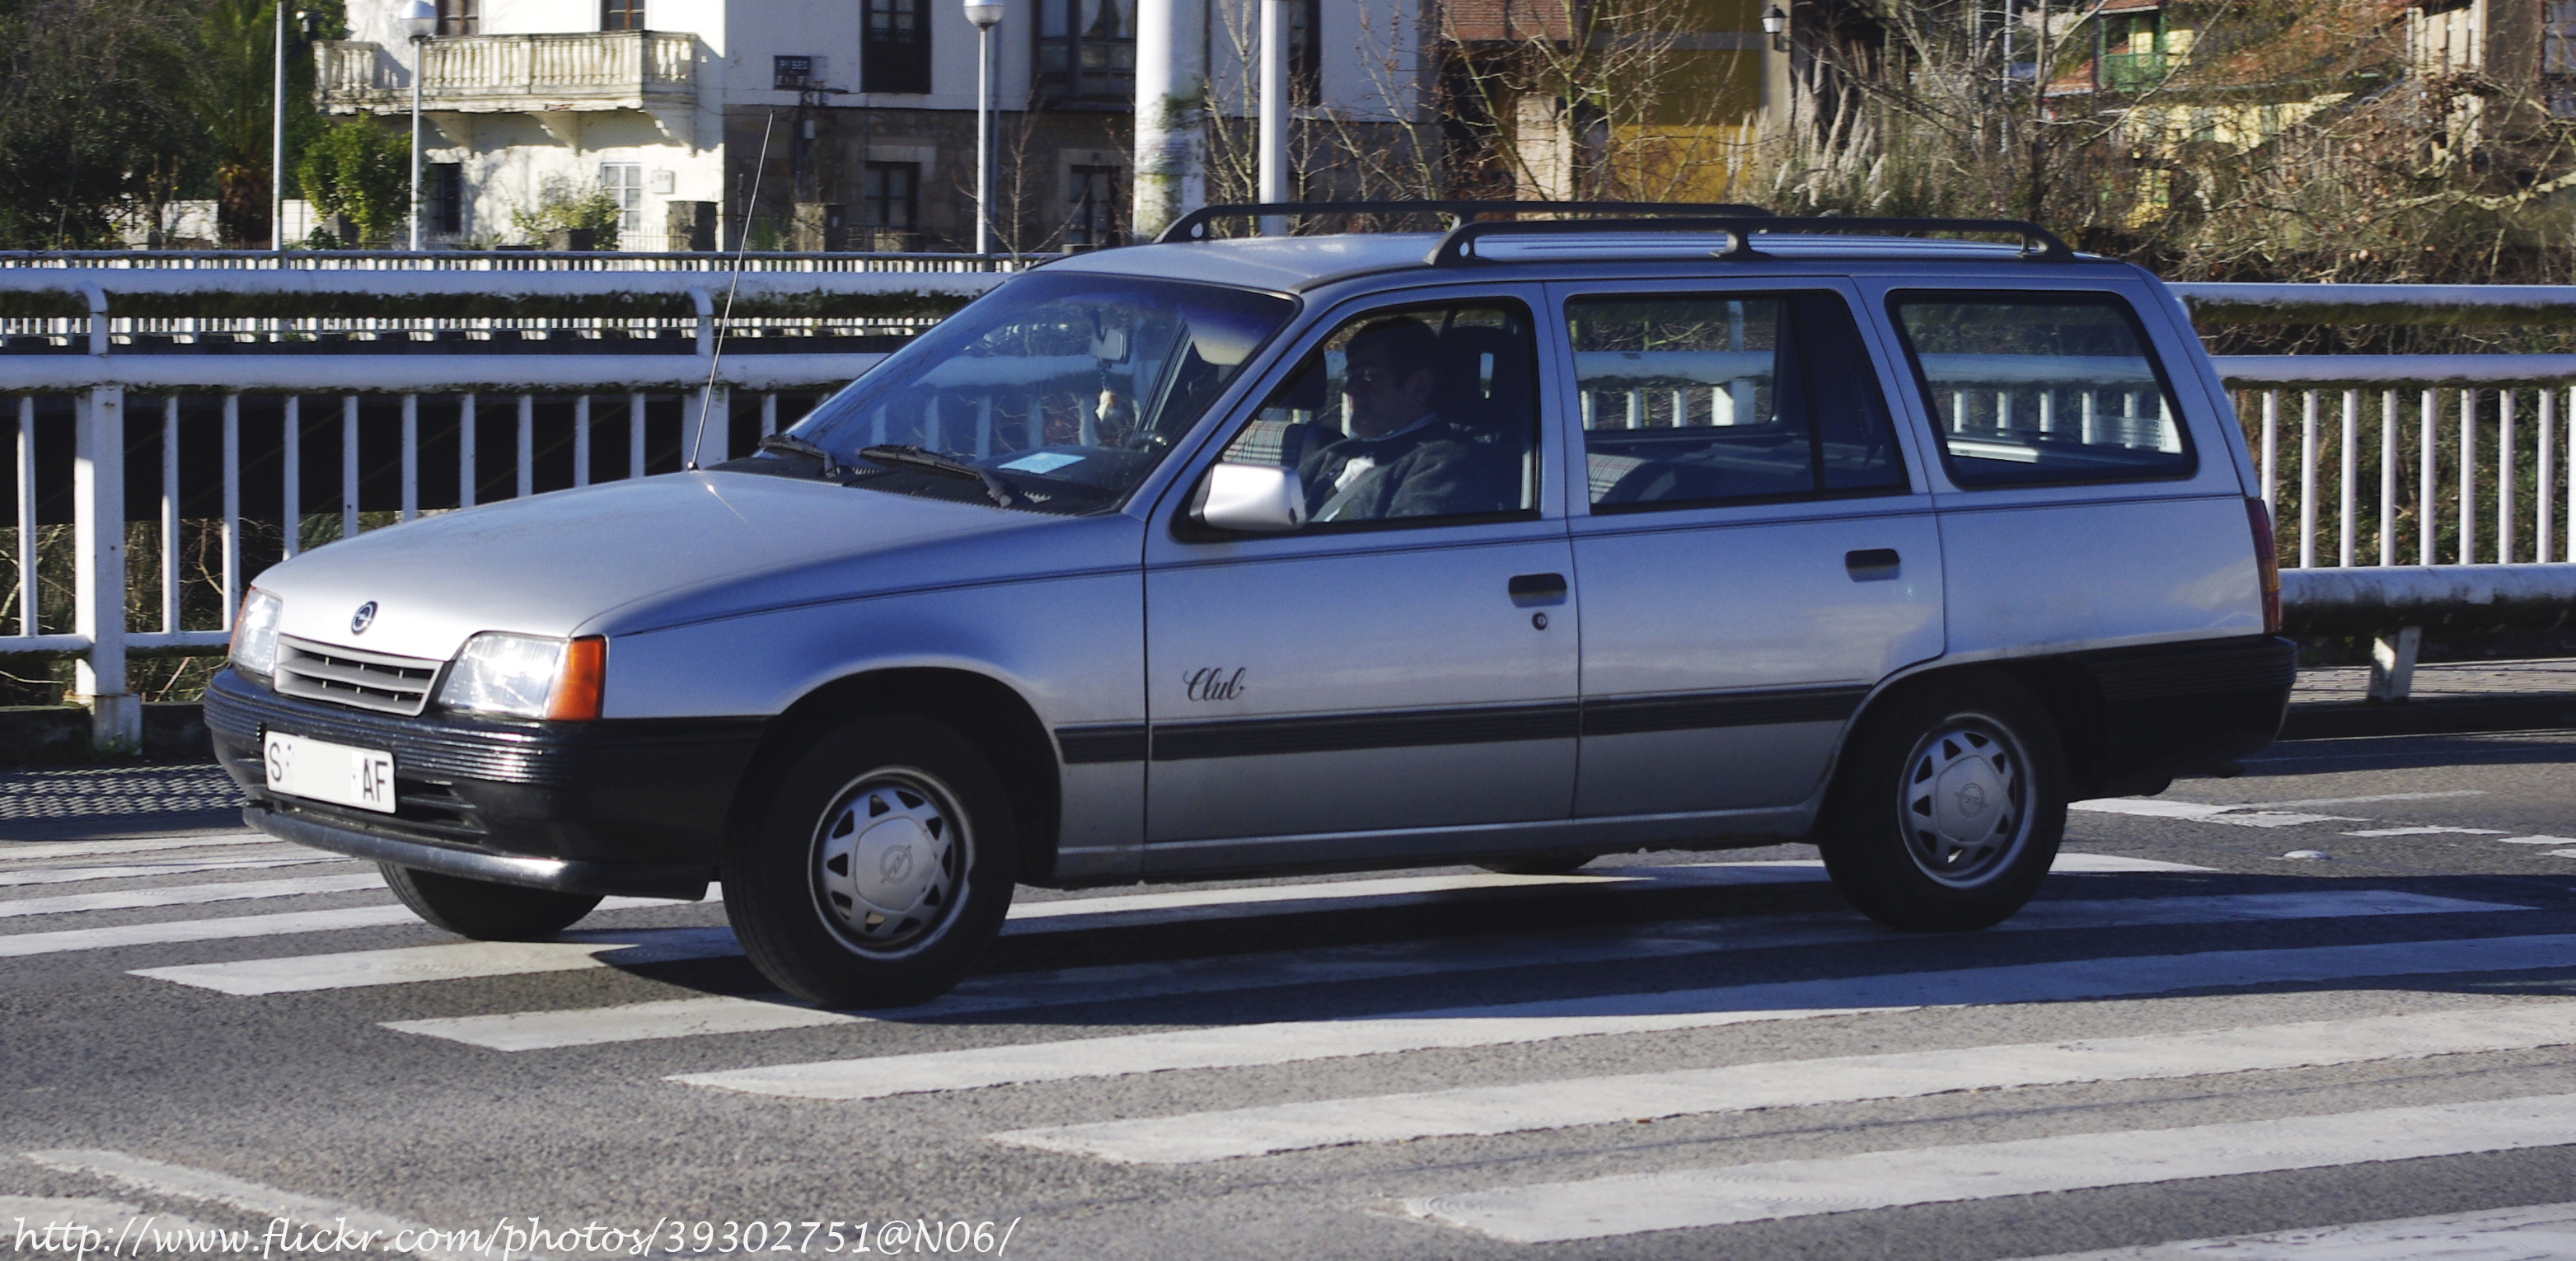 File Opel Kadett Caravan Club  E   5381411021  jpg. File Opel Kadett Caravan Club  E   5381411021  jpg   Wikimedia Commons